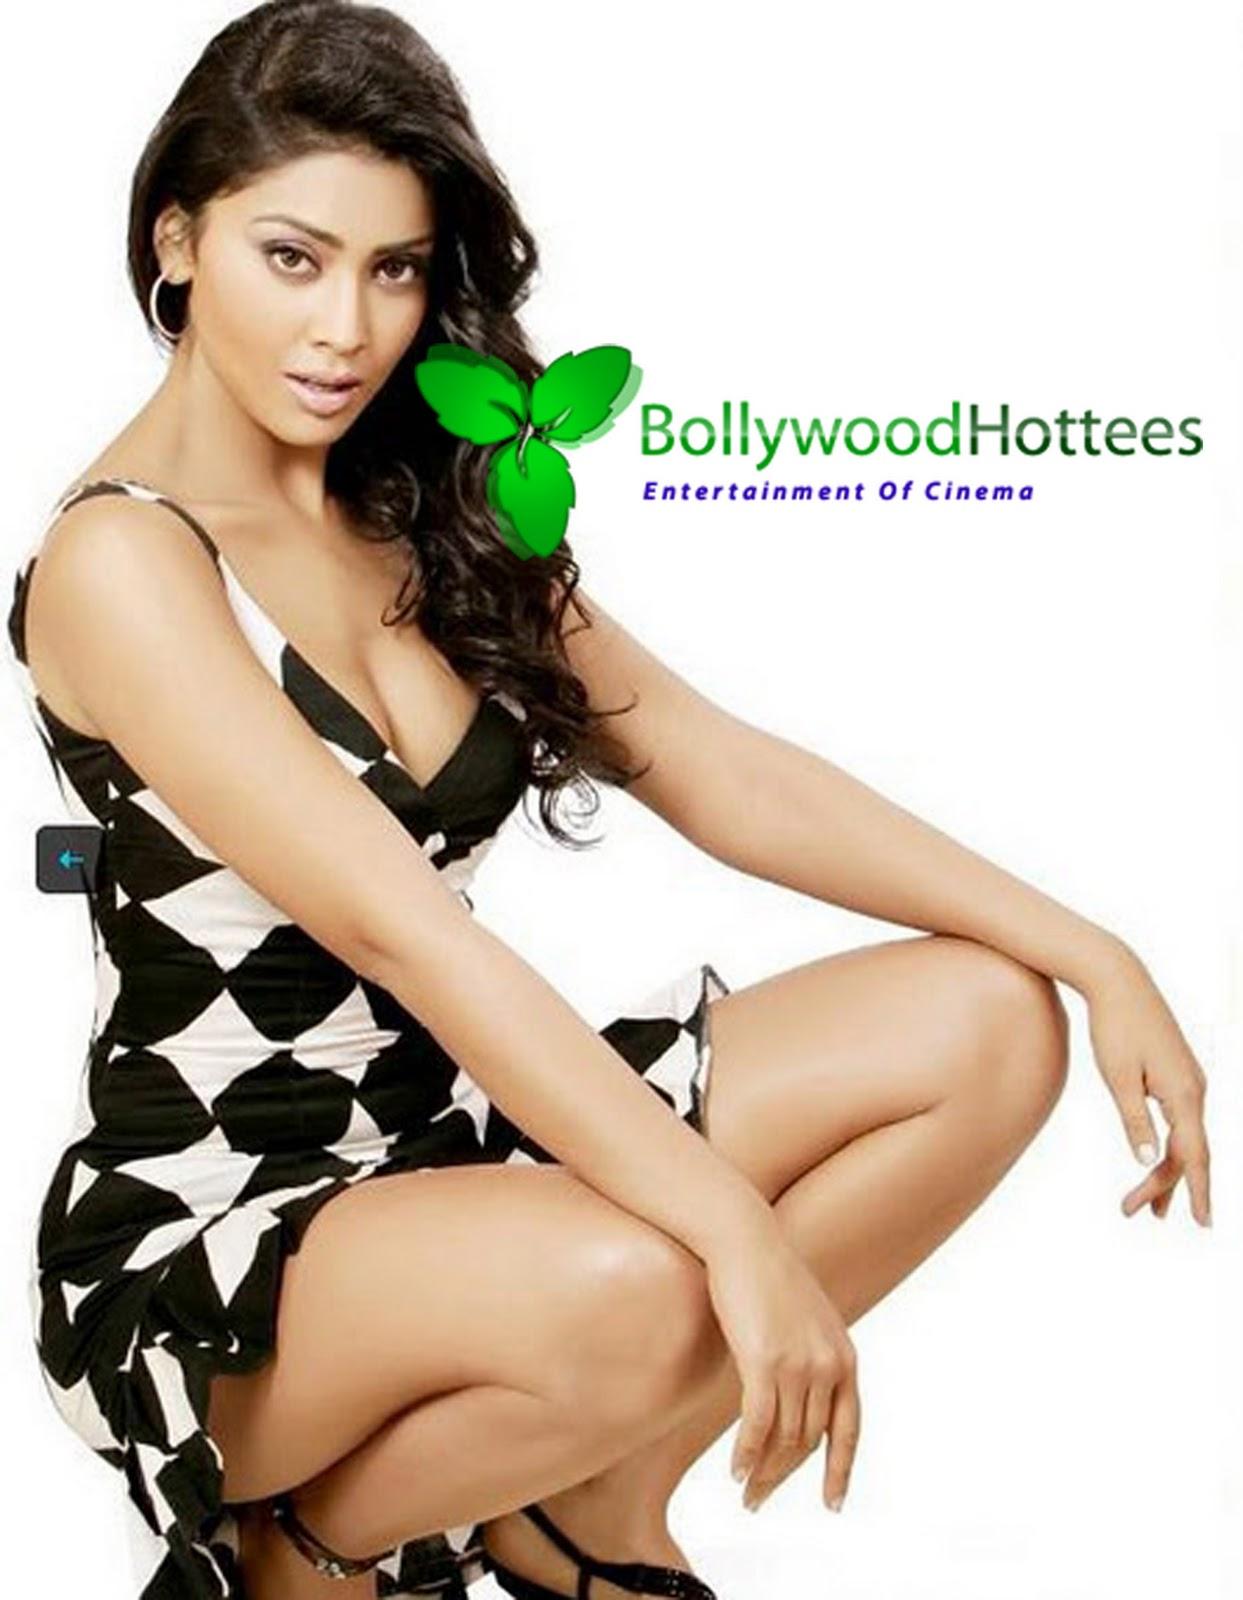 shriya saran hot ~ bollywood hottees hot wallpapers